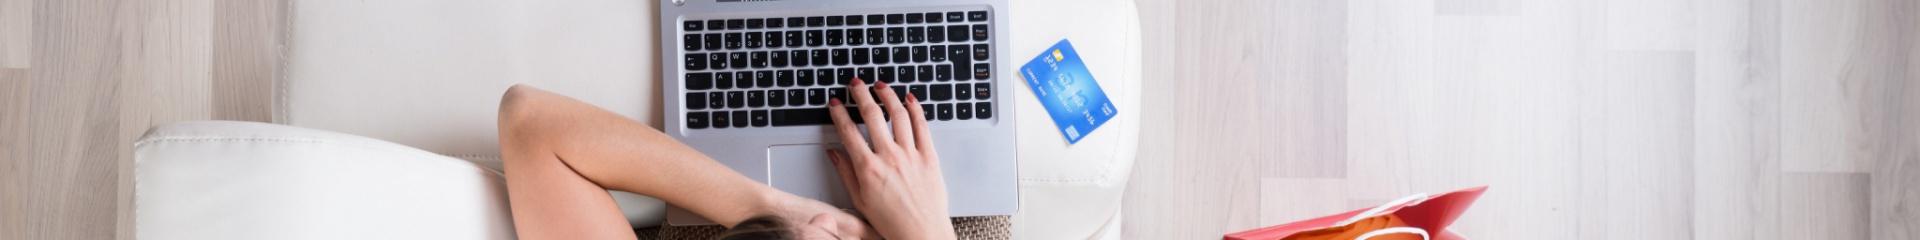 Ako nakupovať na AliExpress, ako objednávať z AliExpress